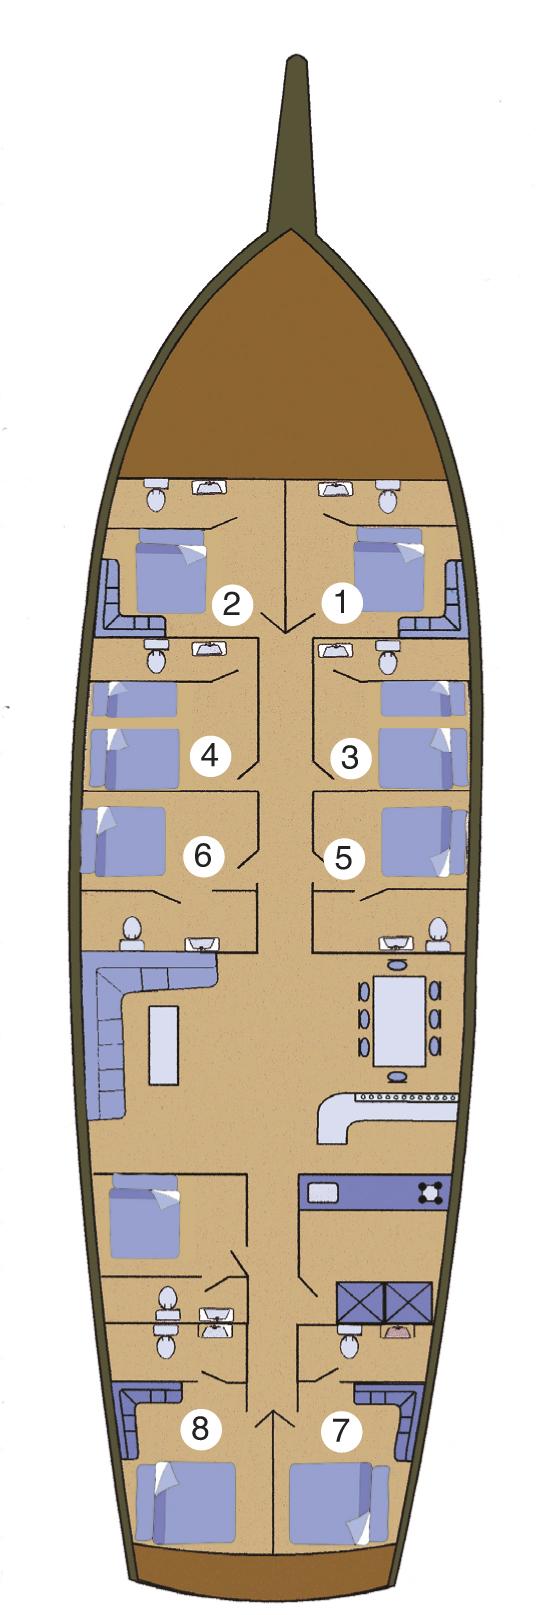 Prenses-Selin-layout.jpg